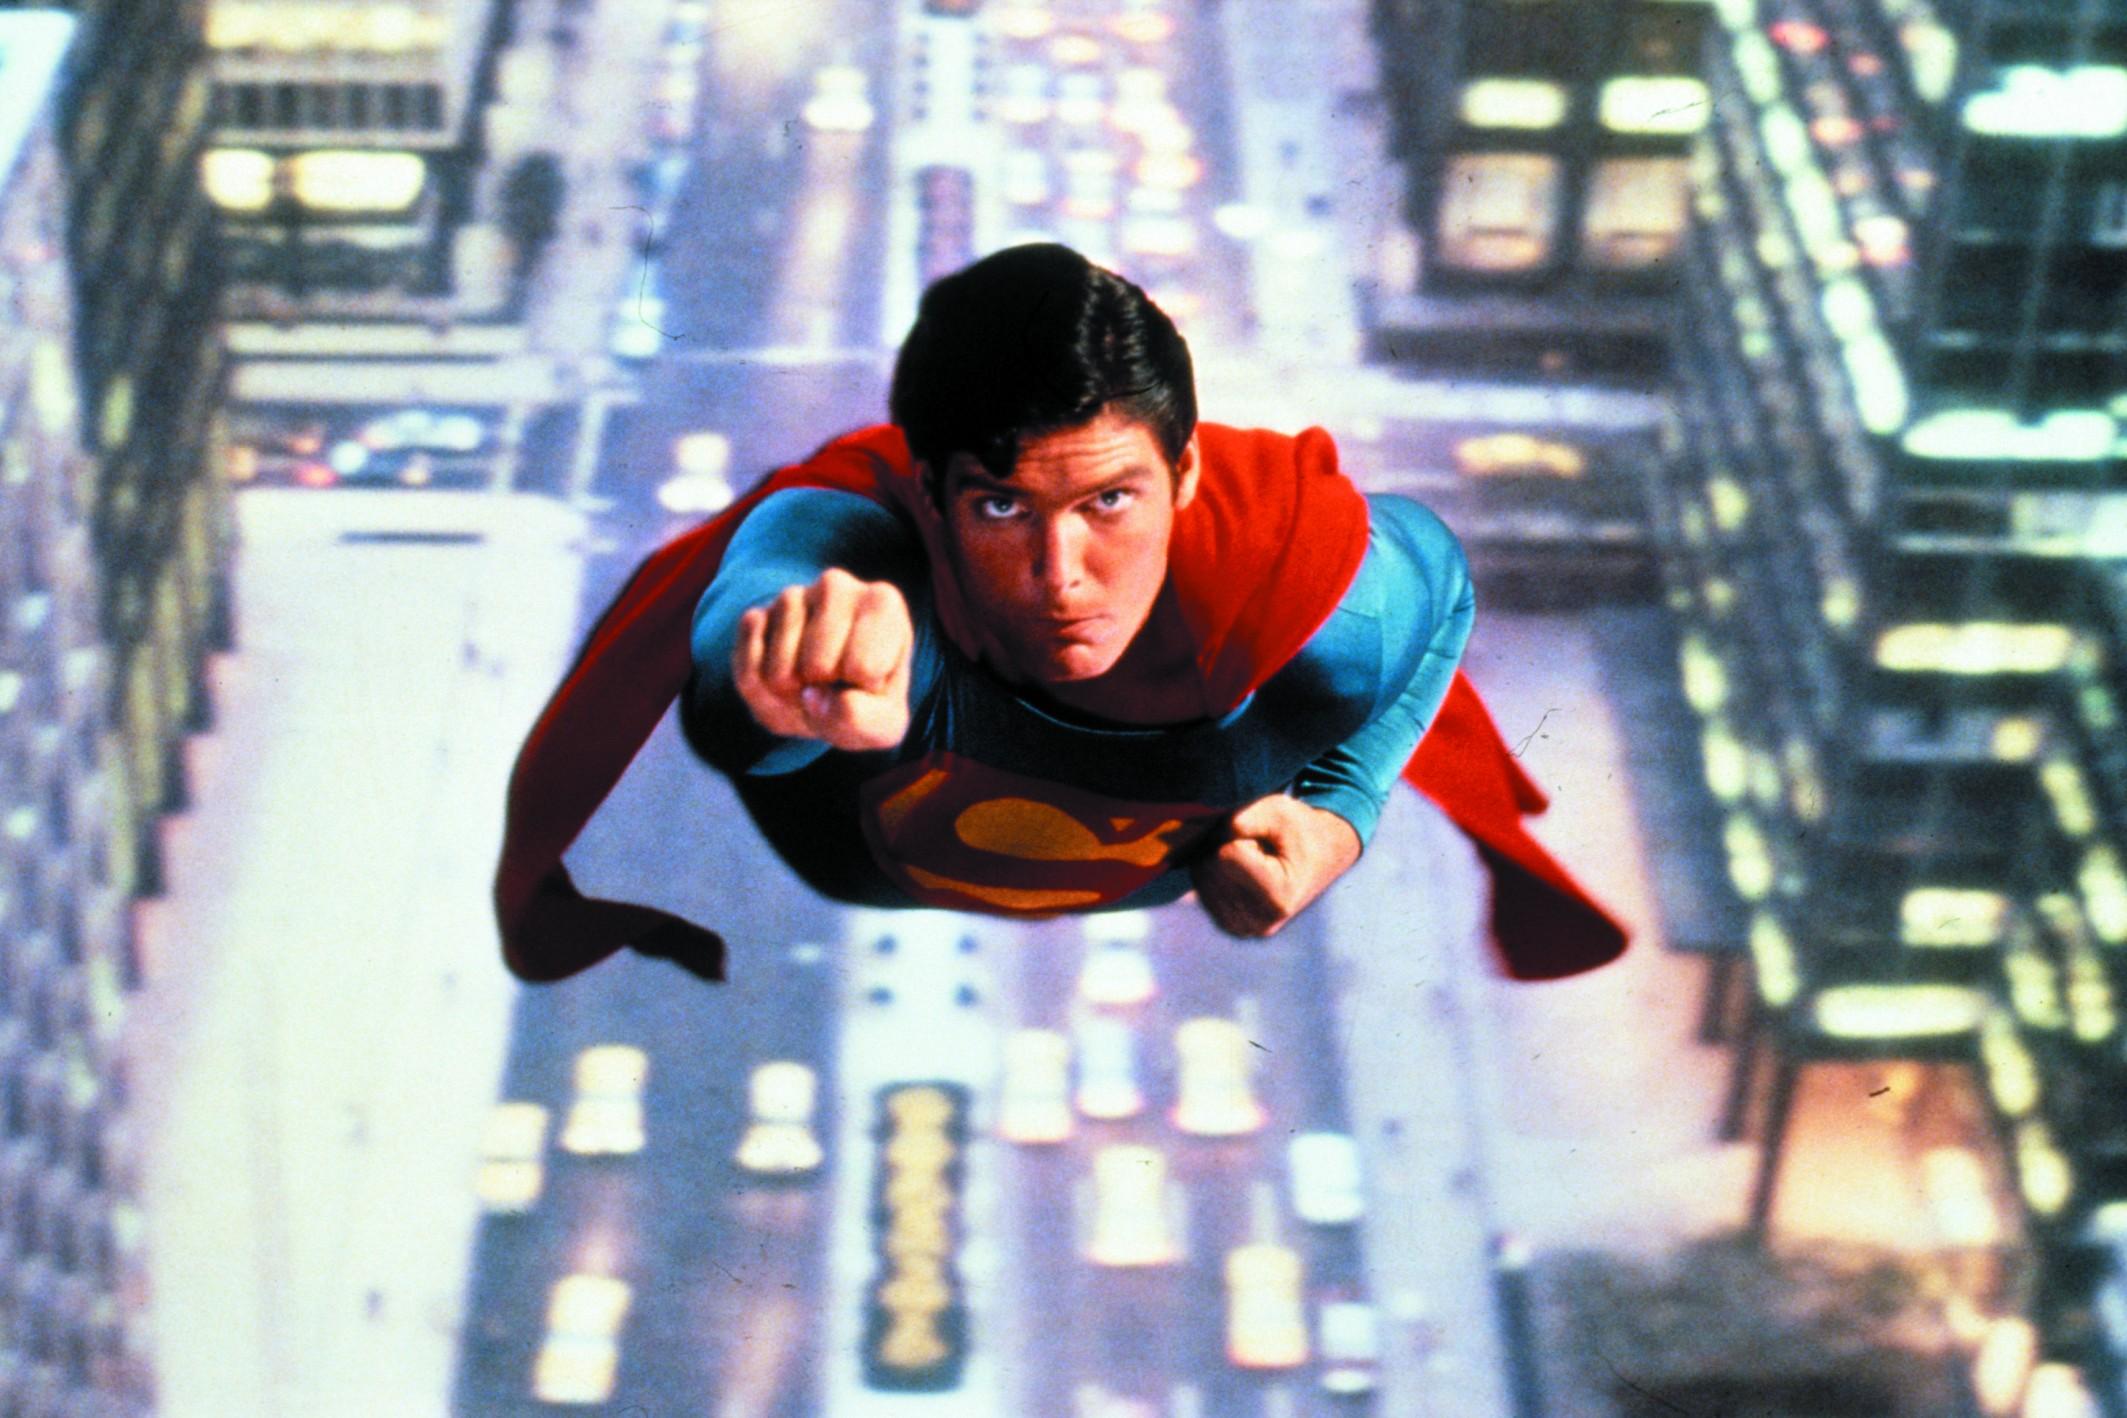 Τοp 20 comic book movies 5 superman